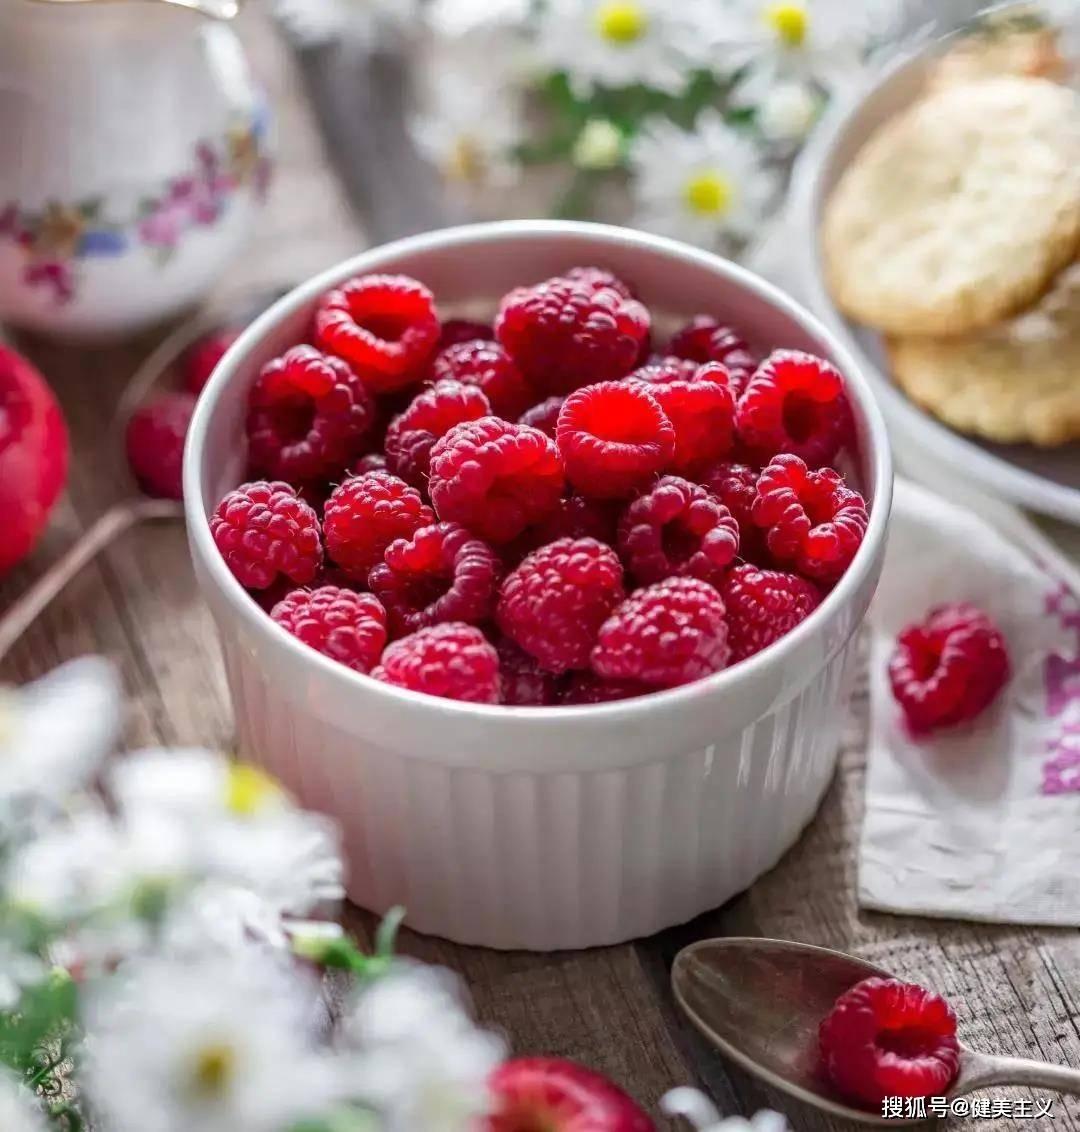 夏季正在减肥的你,应该知道吃什么水果更容易保持好身材! 锻炼方法 第11张